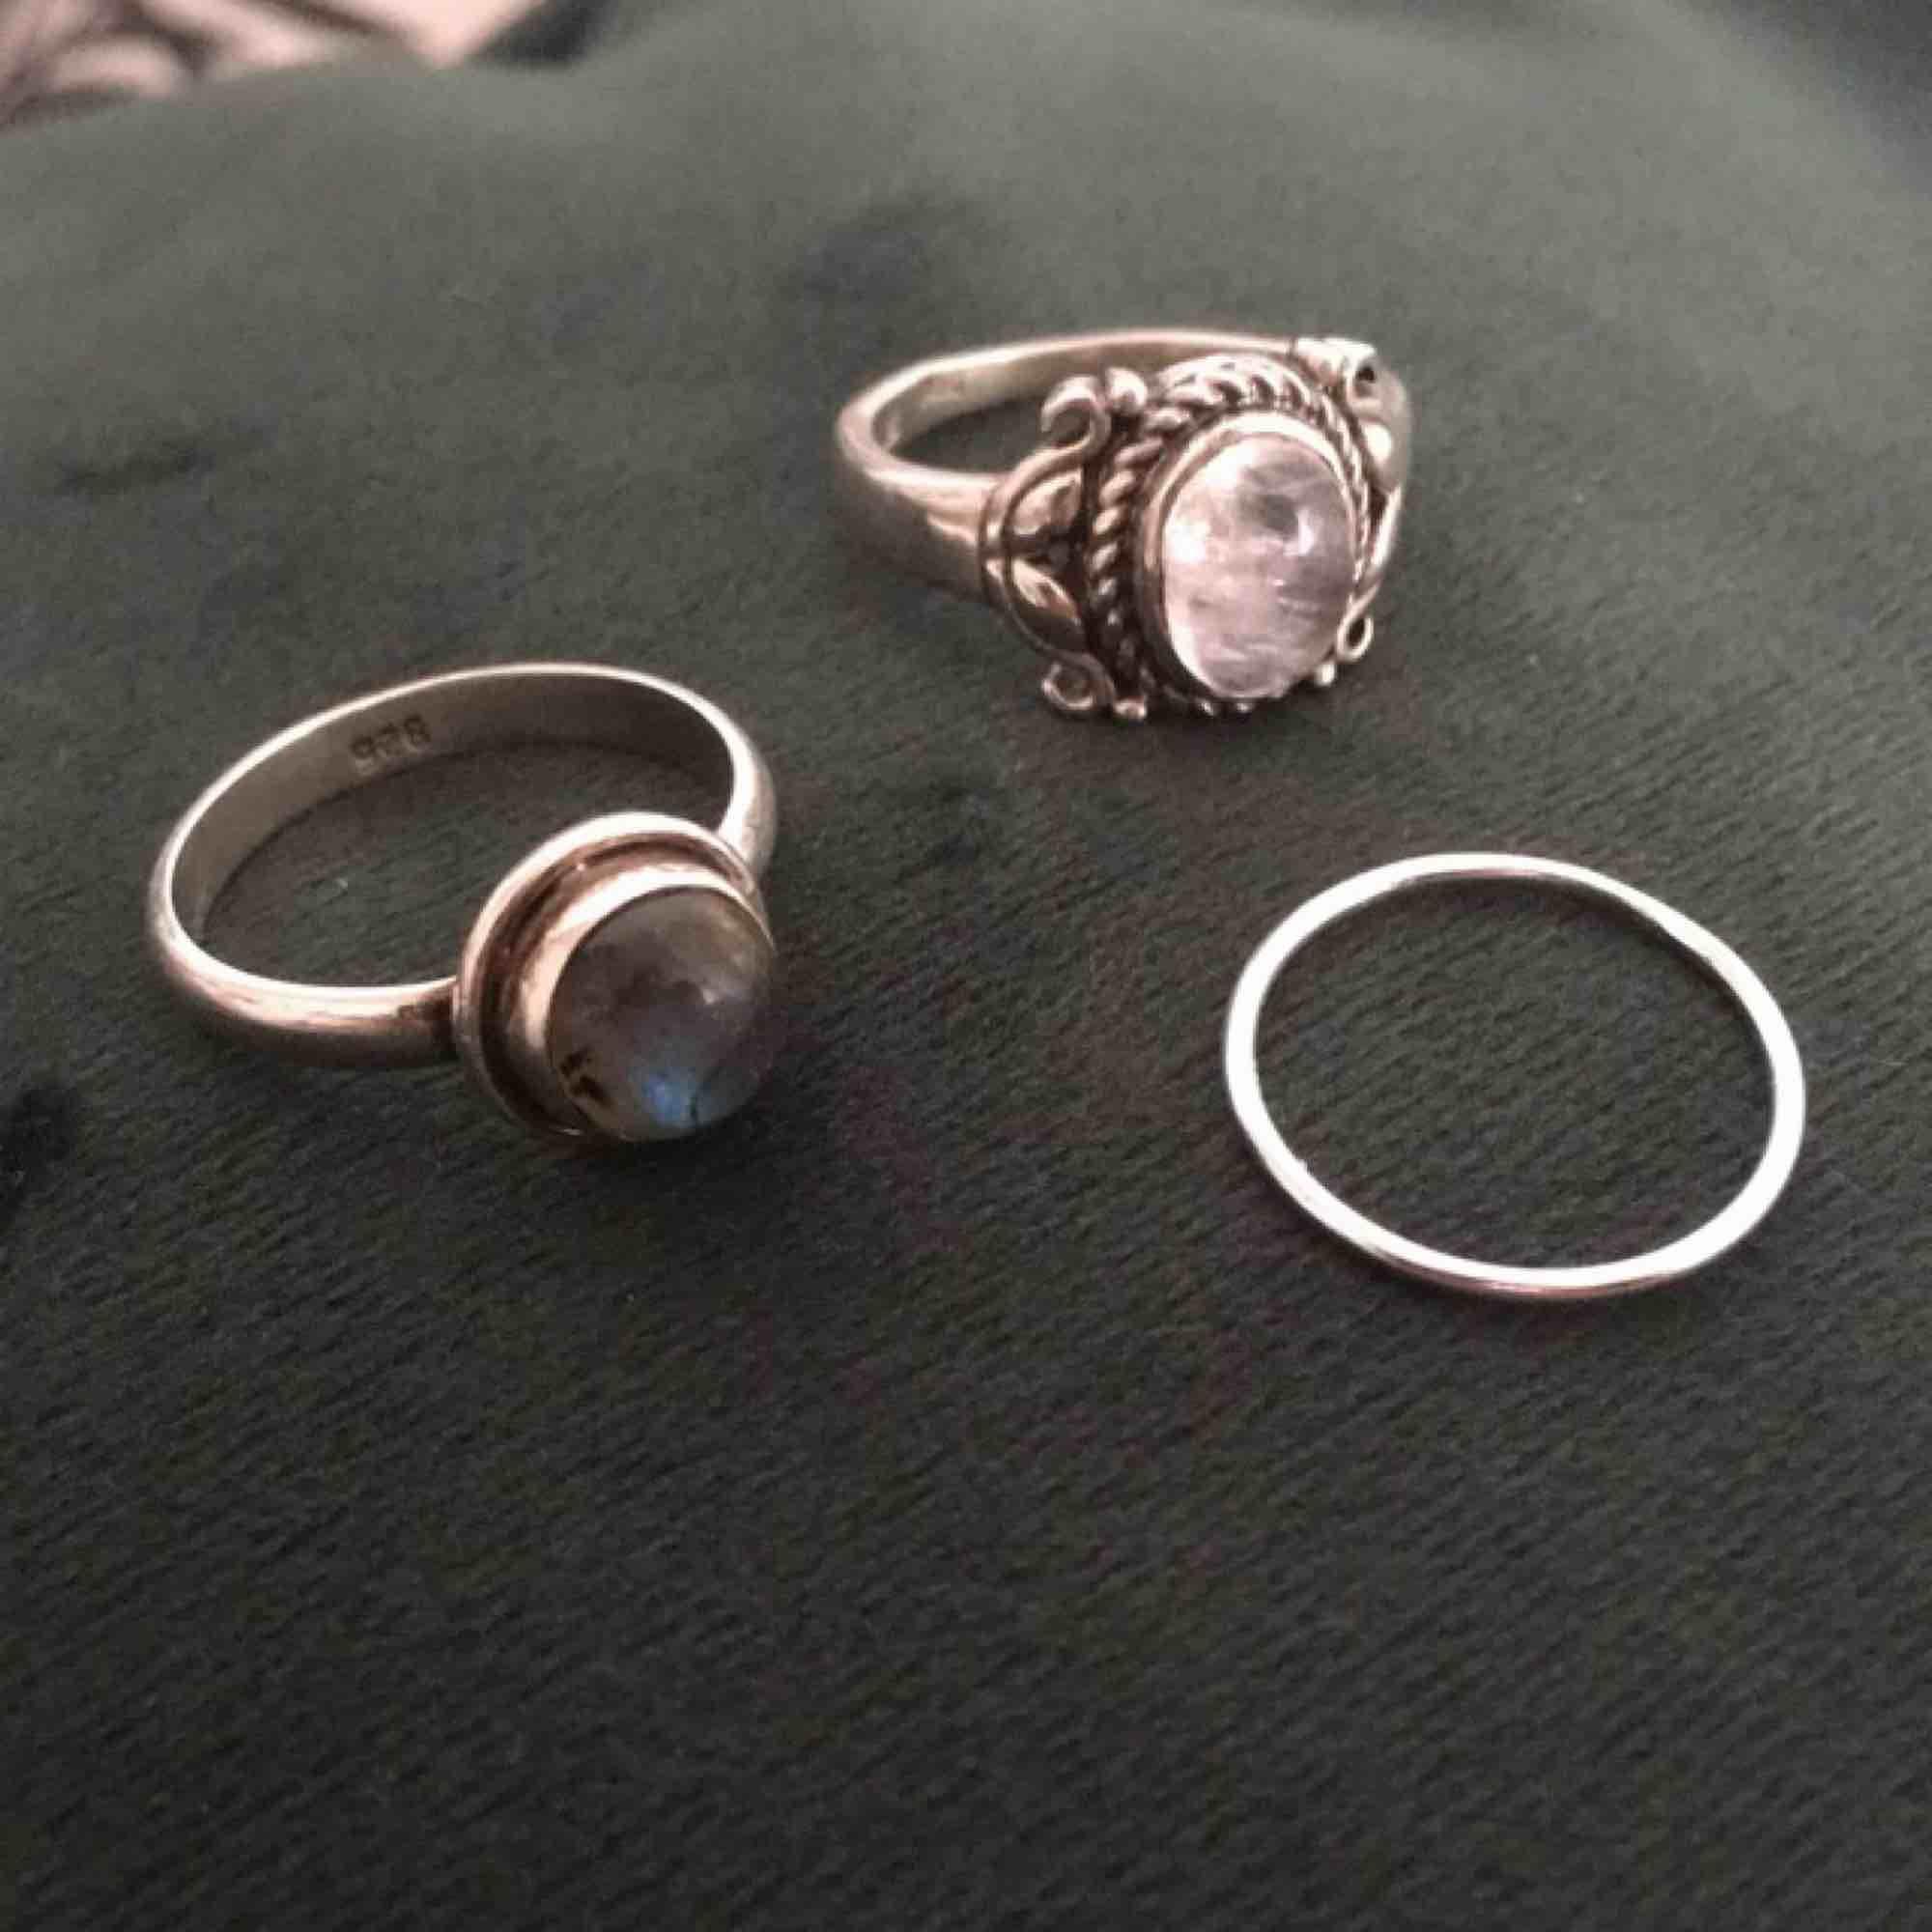 Ringar i sterling silver. Den enkla ringen utan sten passar som midi, eller på lillfingret, 14,25mm. Endast den lilla ringen finns kvar då de andra redan är sålda. Perfekt för att layer med andra ringar!. Accessoarer.